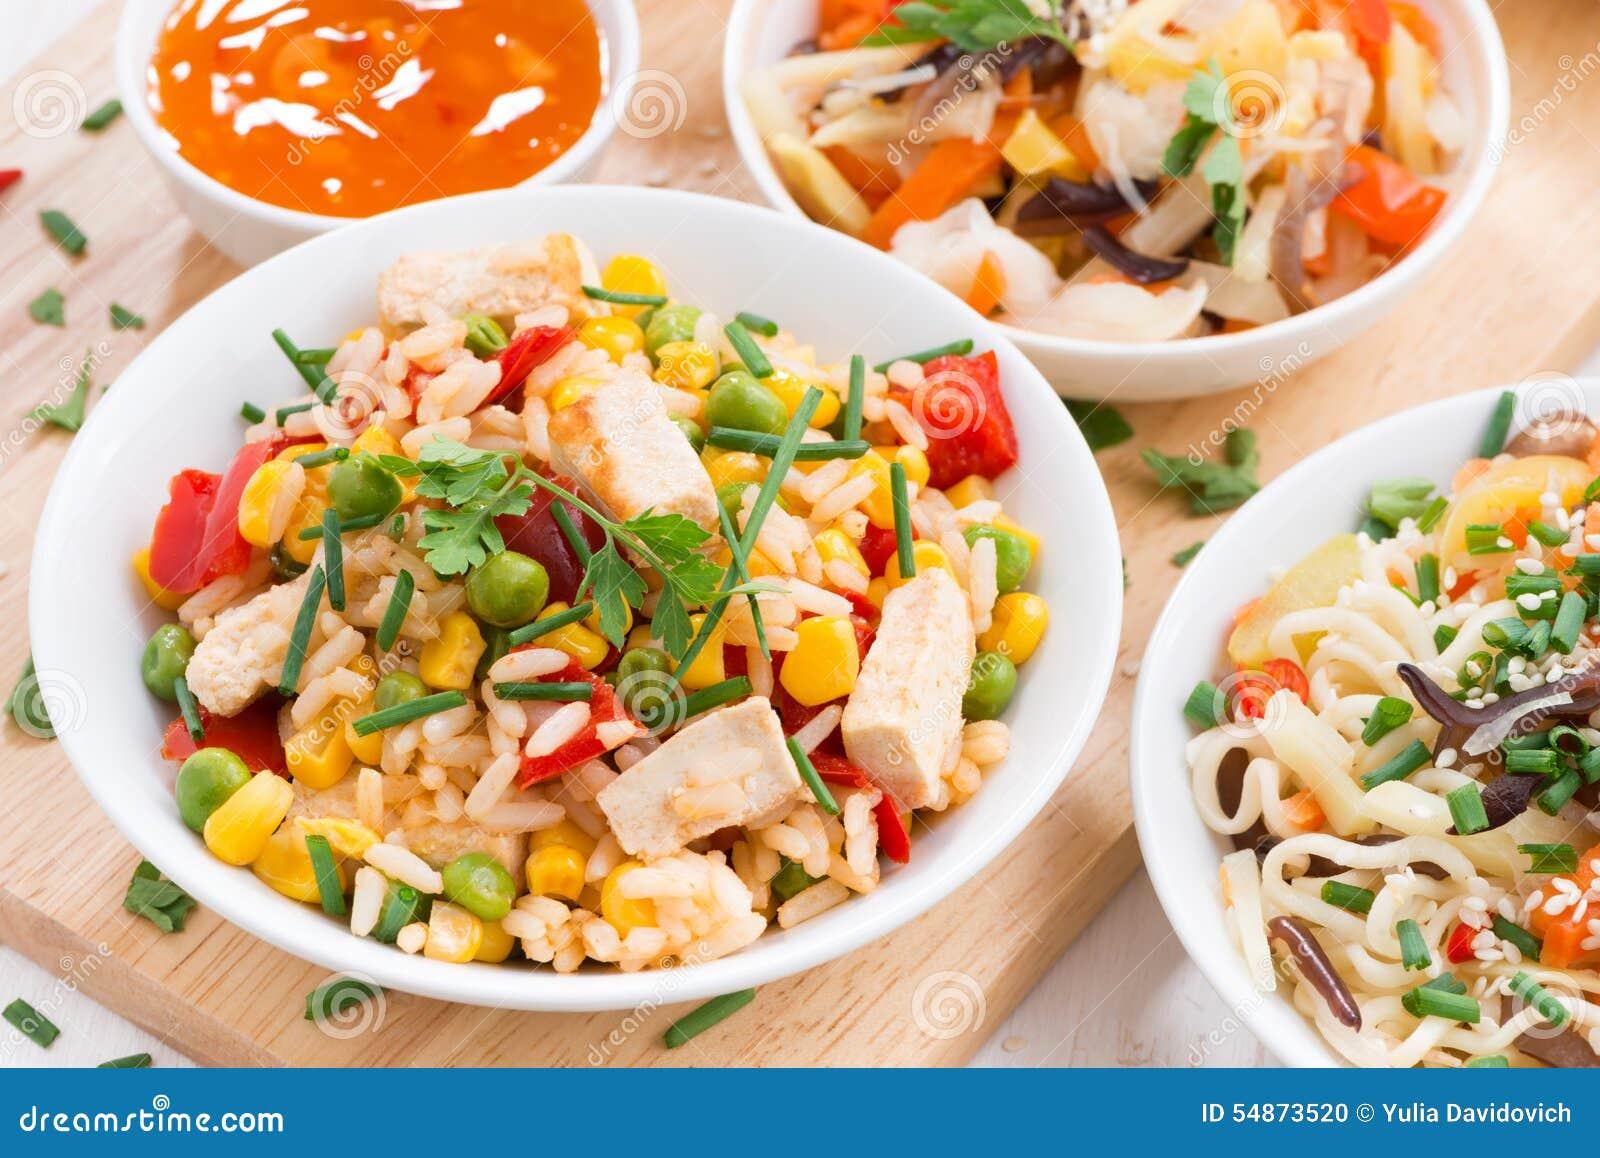 Ασιατικό μεσημεριανό γεύμα - τηγανισμένο ρύζι με tofu, νουντλς με τα λαχανικά